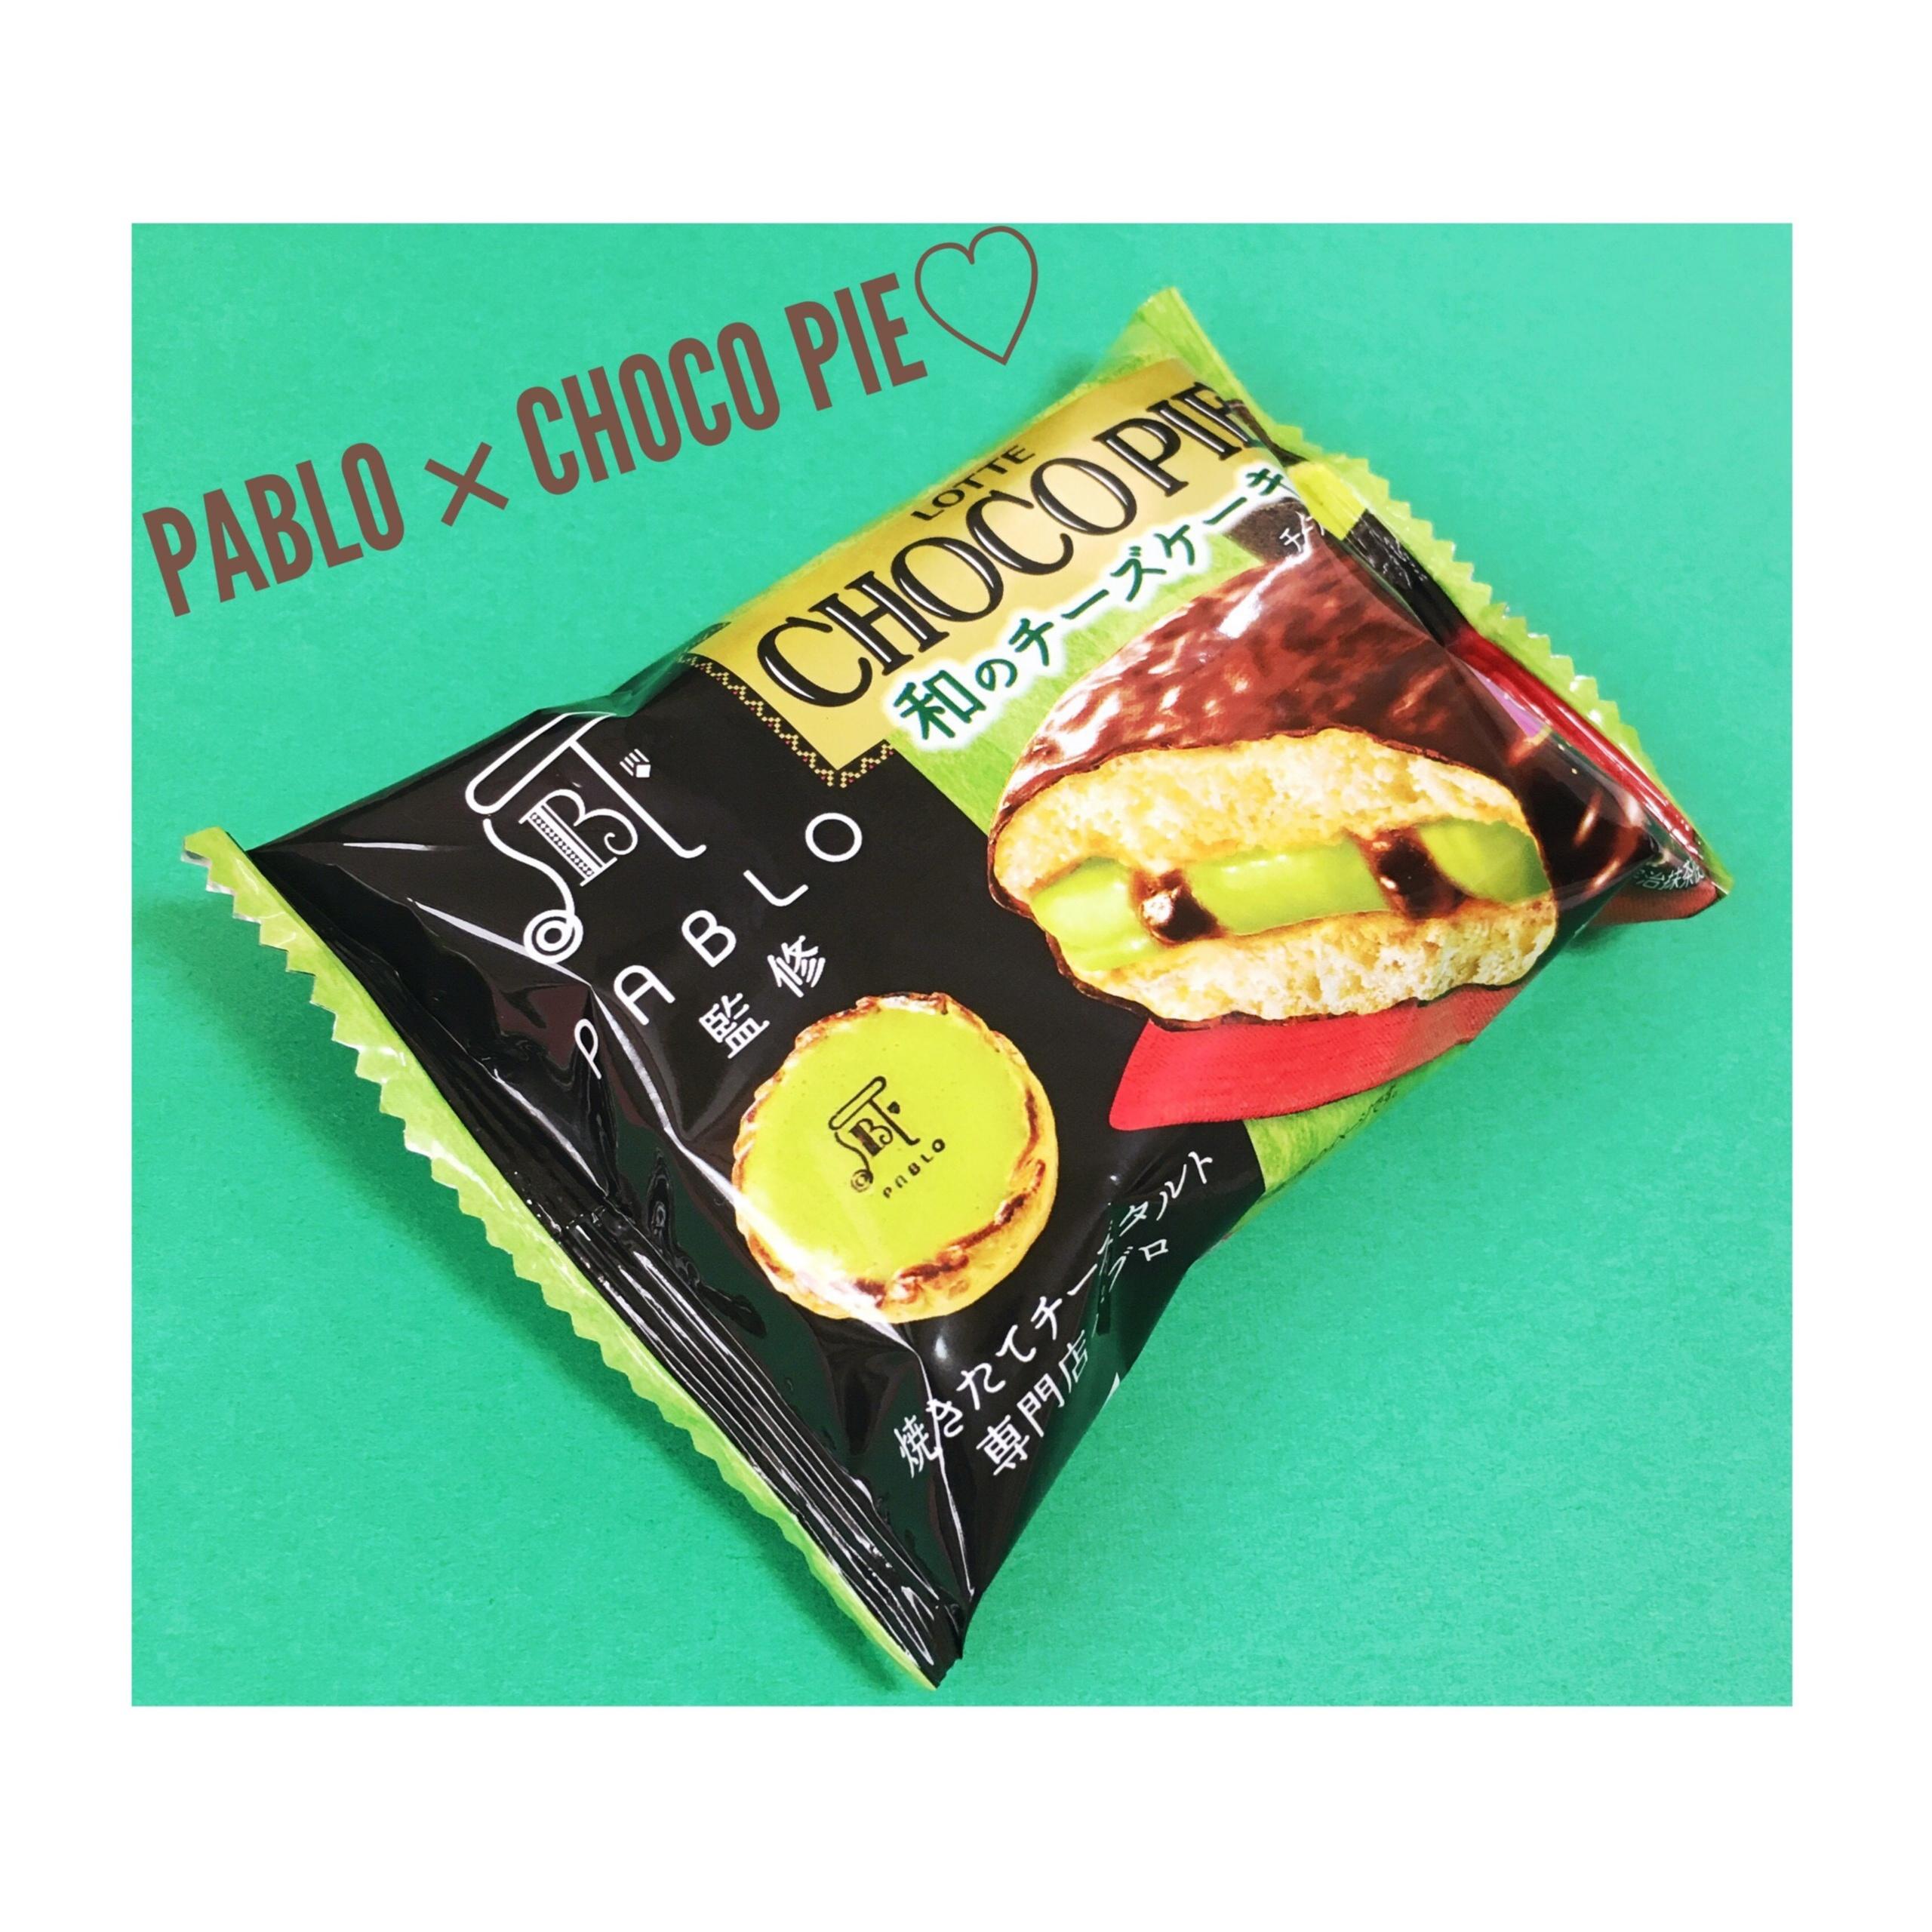 《★9/26発売》ロッテチョコパイがあの【PABLO】とコラボ⁈❤️和のチーズタルトが実現✨_1